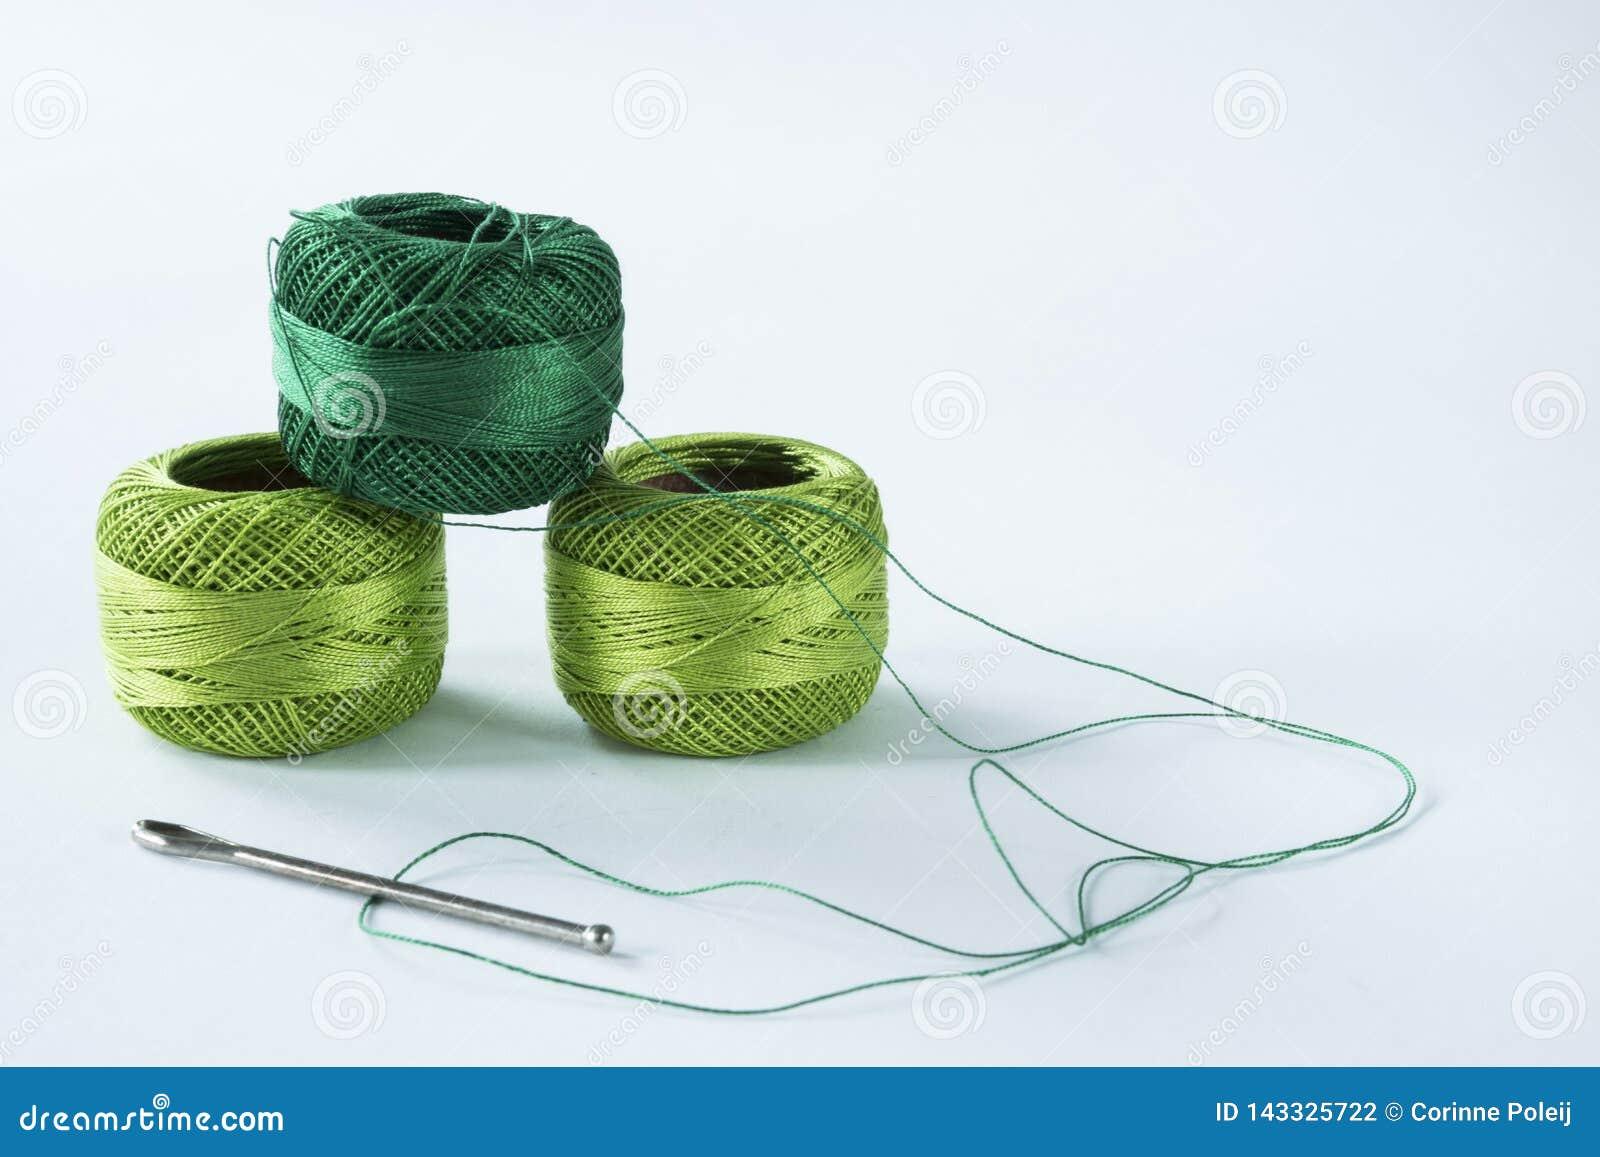 Grünes Häkelgarn mit Scheren und Nadel Weißer Hintergrund,